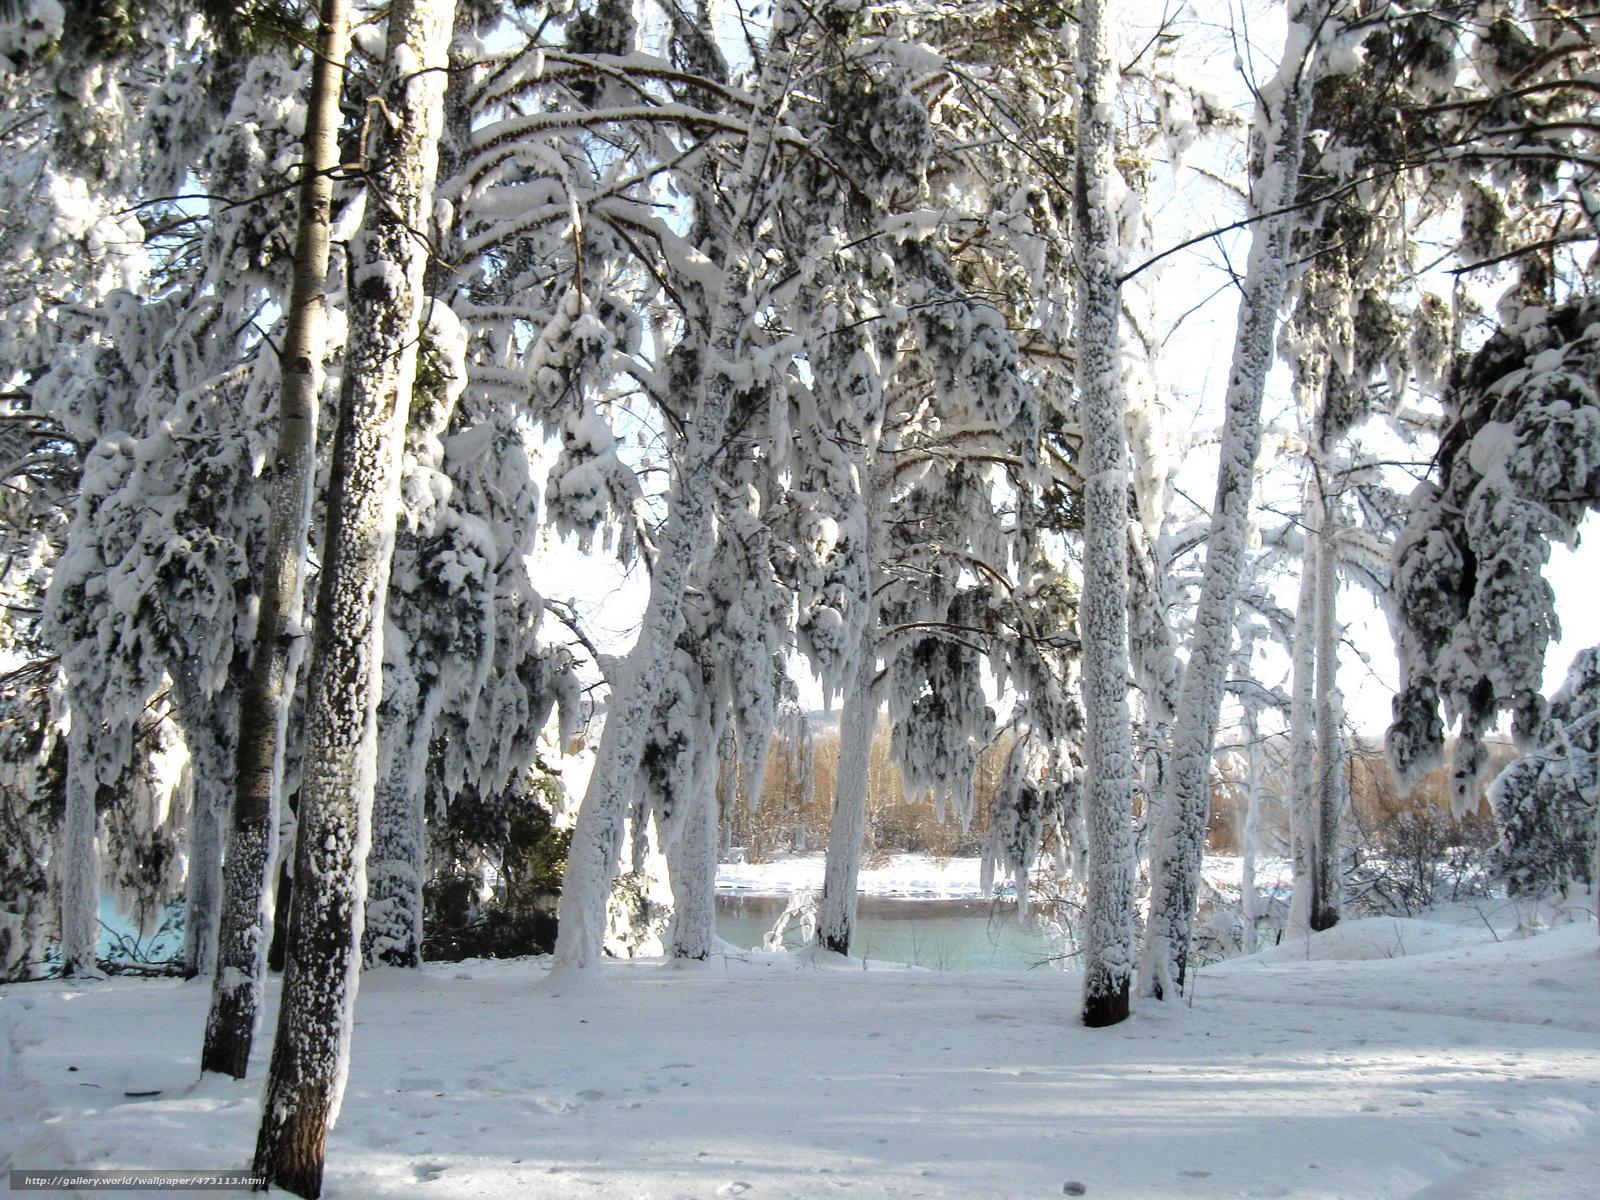 Tlcharger Fond d'ecran hiver,  neige,  arbres Fonds d'ecran gratuits pour votre rsolution du bureau 2304x1728 — image №473113